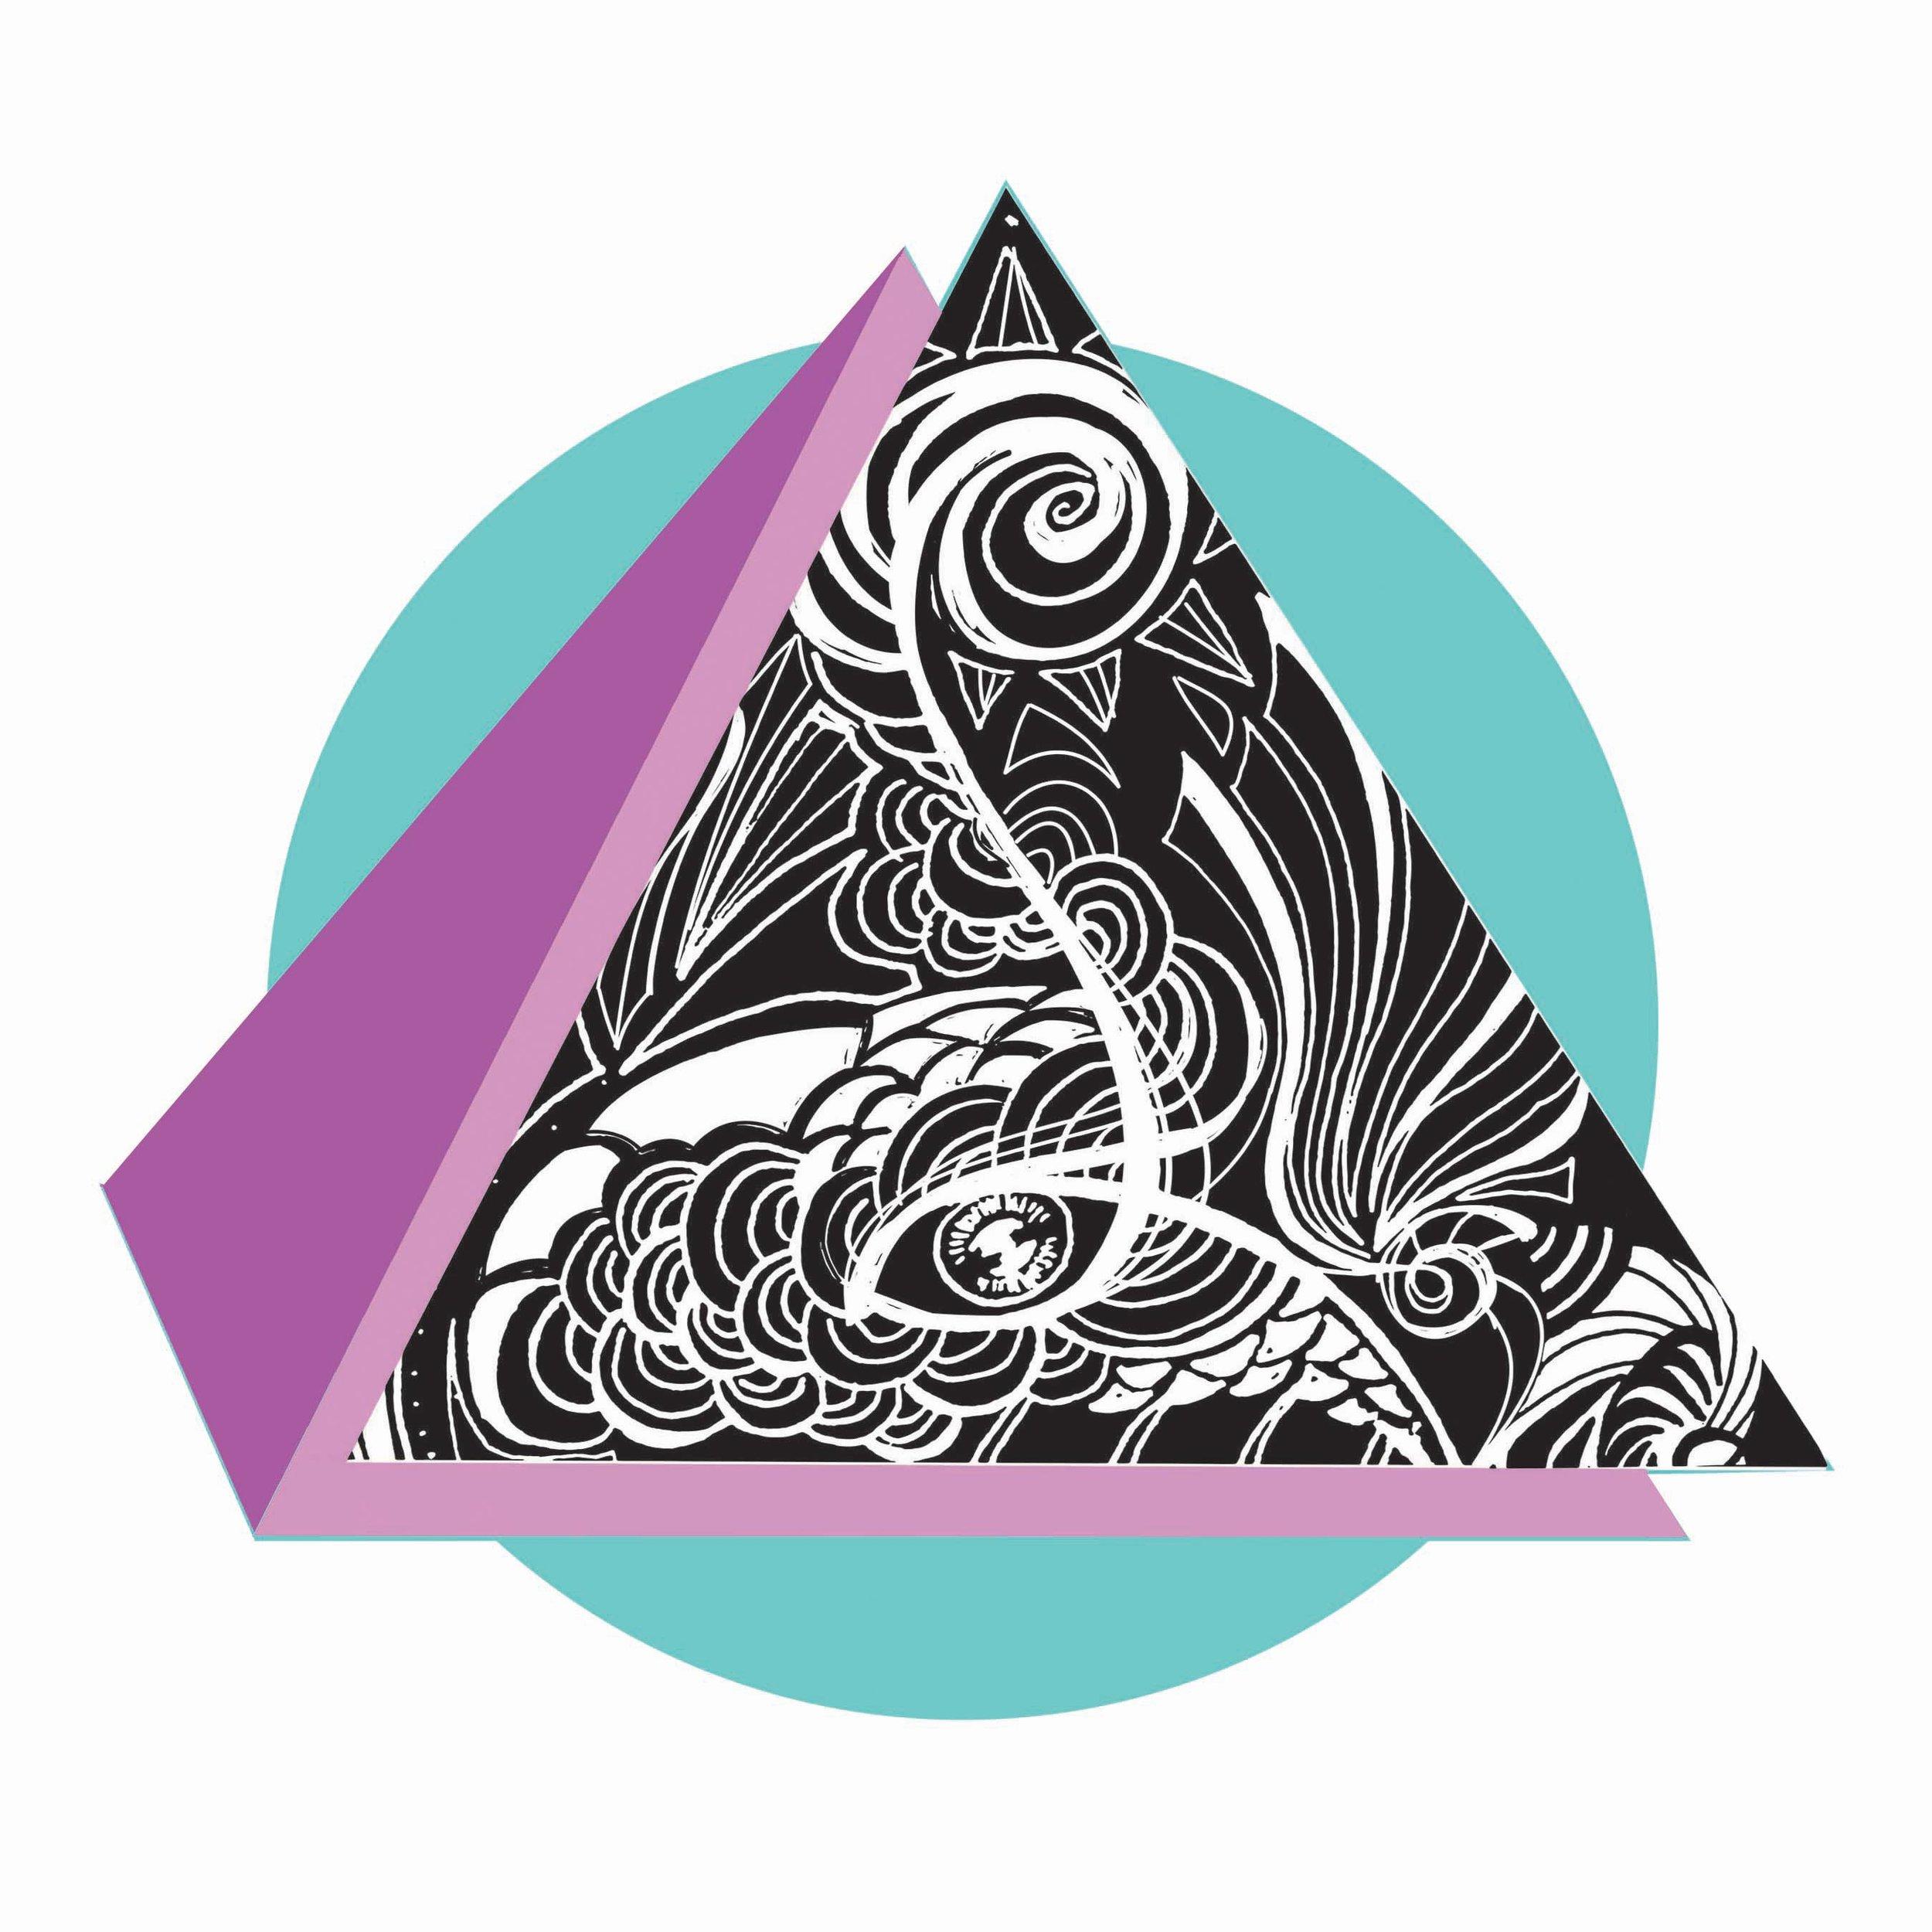 Spiral-Eyez-2017-logo-#2.jpg